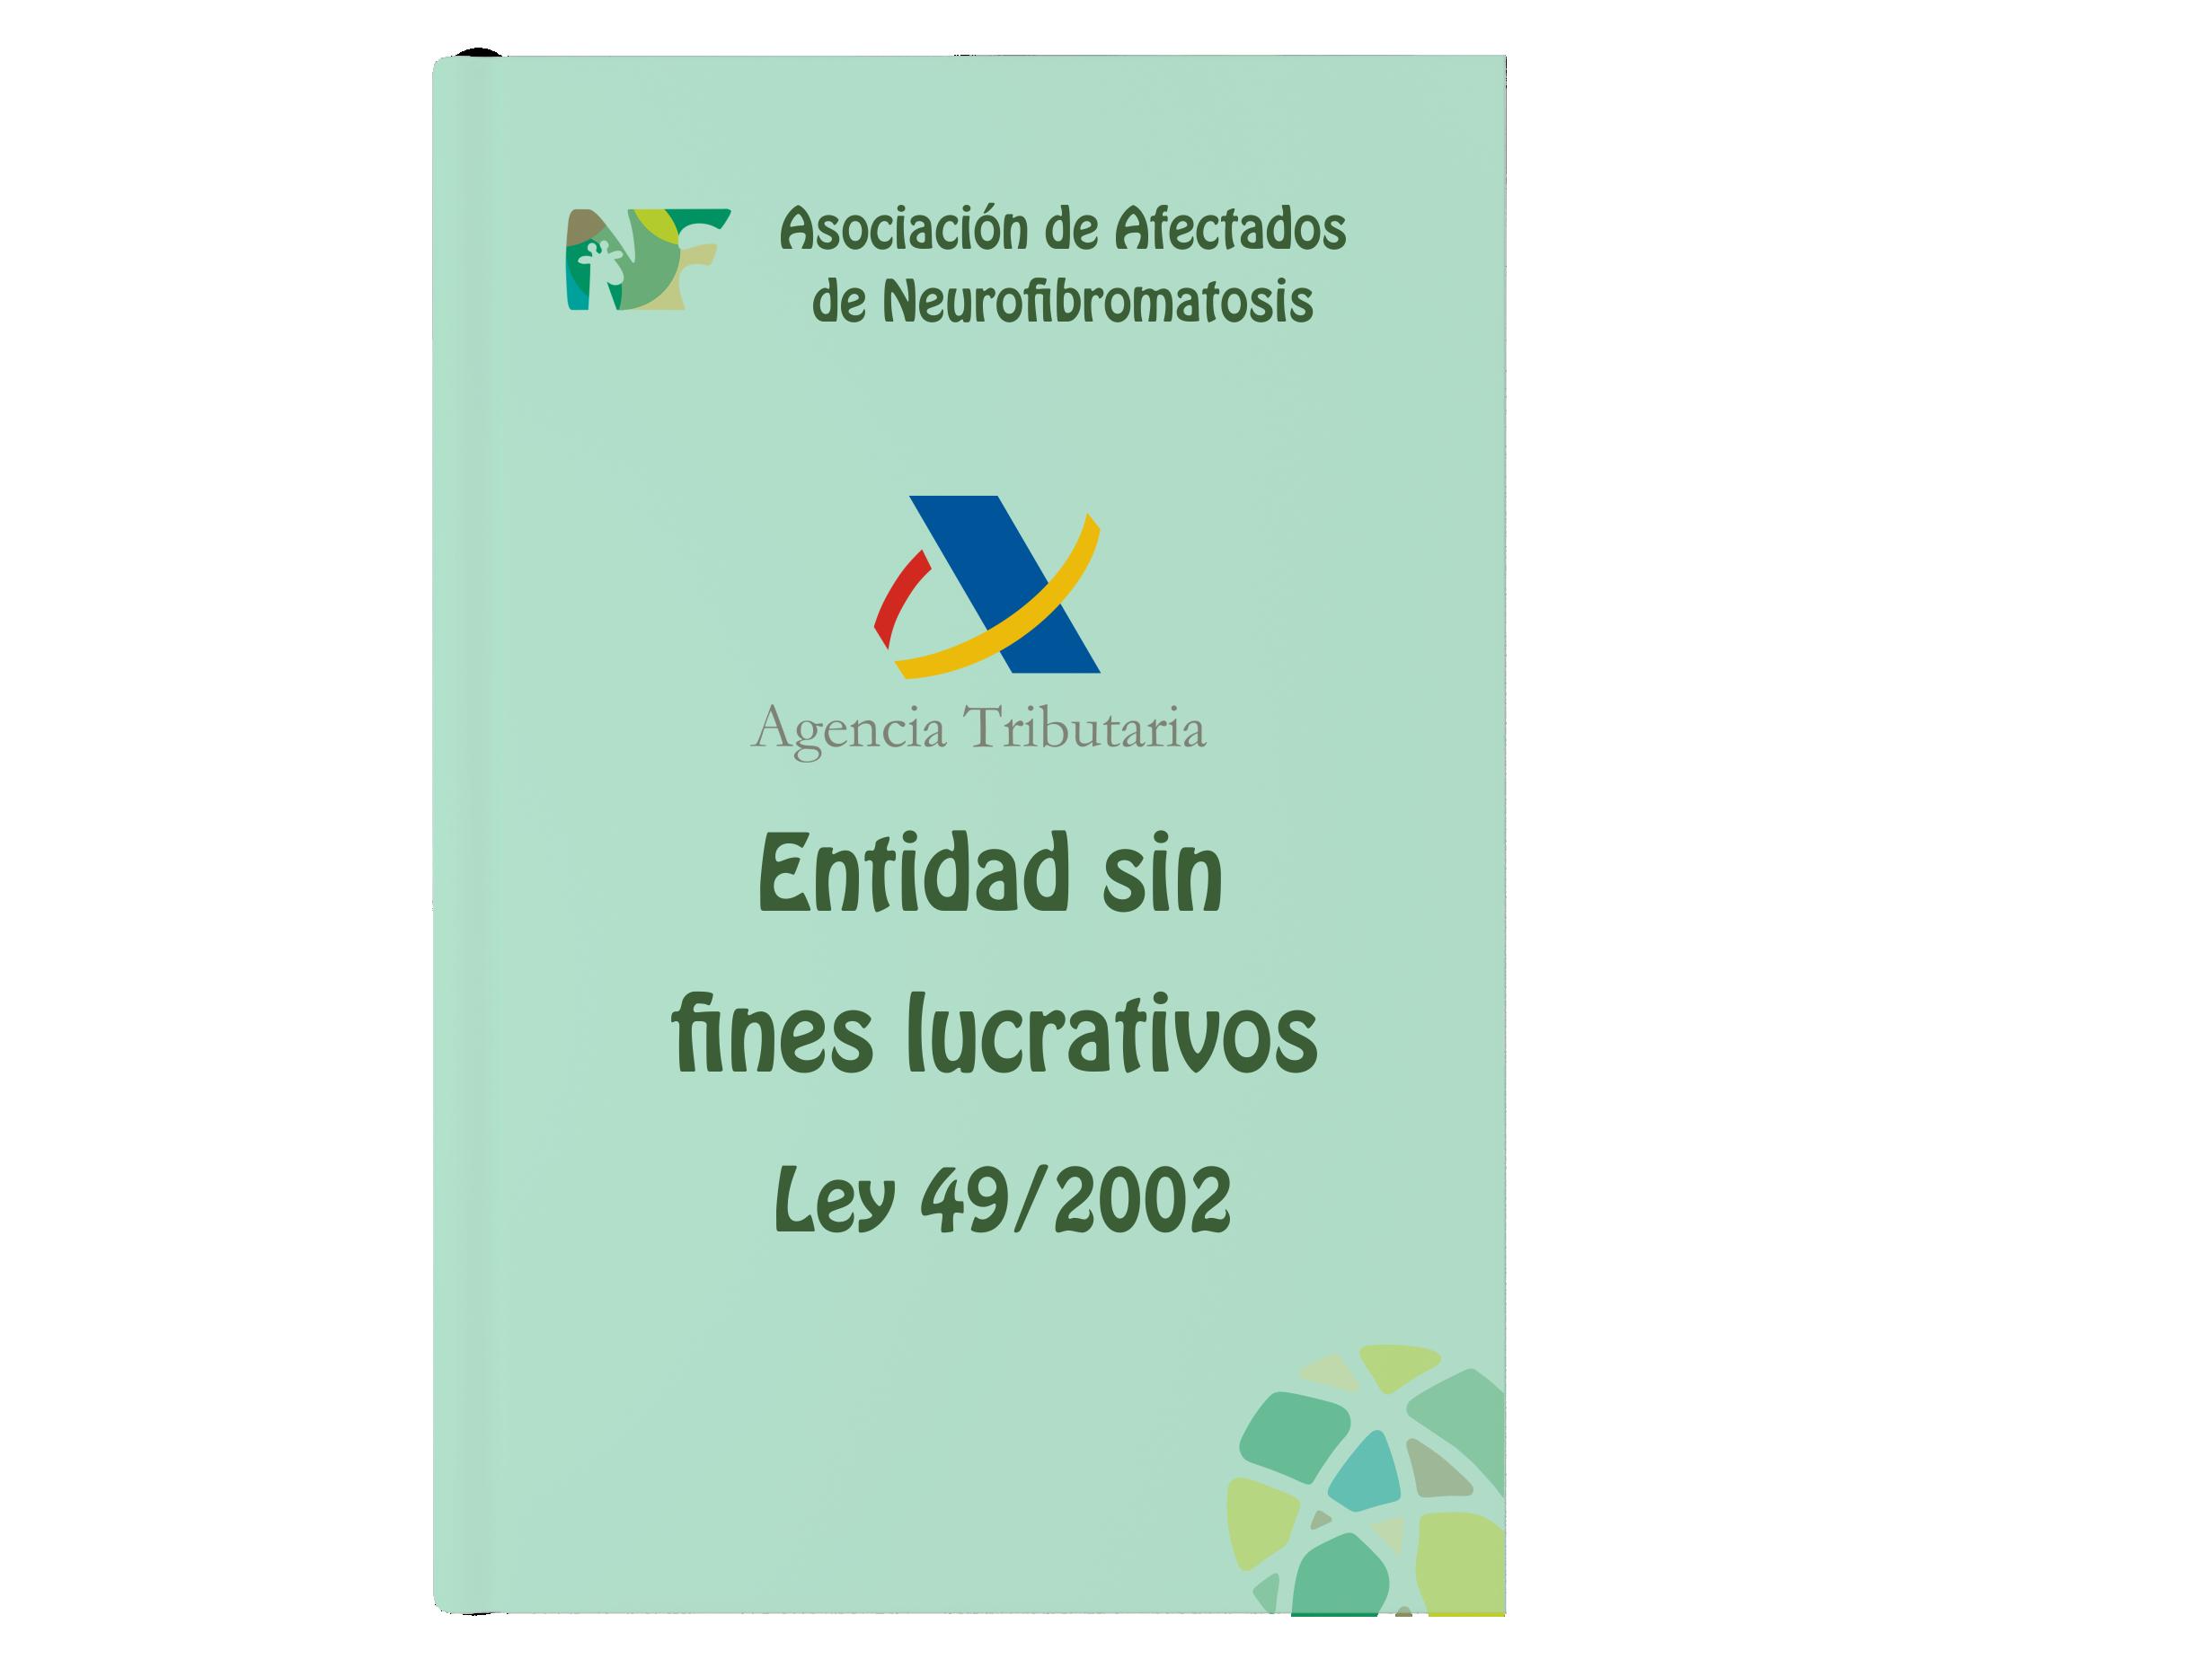 Ley 49/2002